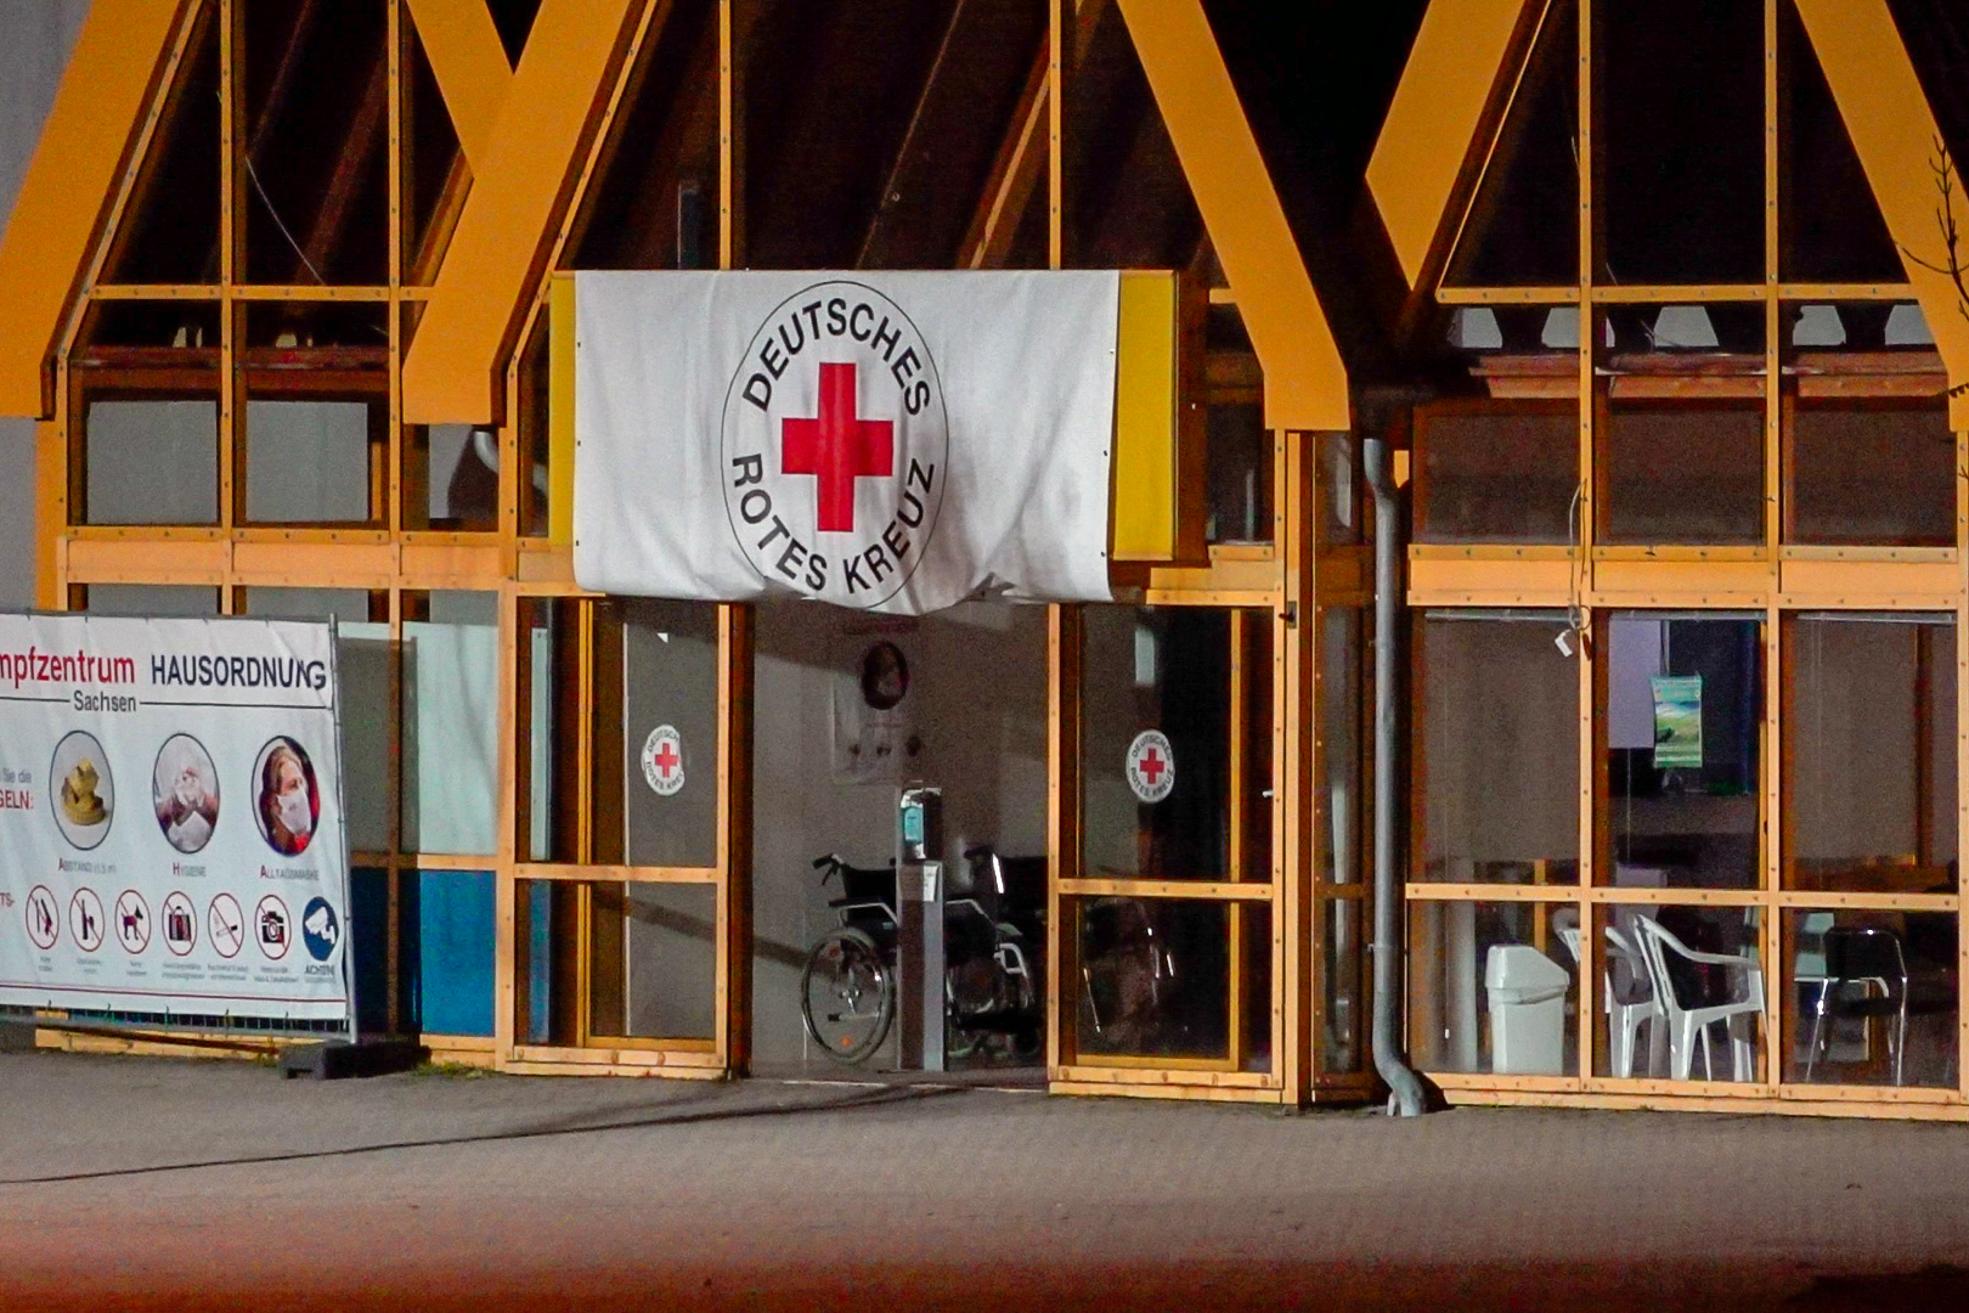 Megpróbáltak felgyújtani egy oltóközpontot Kelet-Németországban